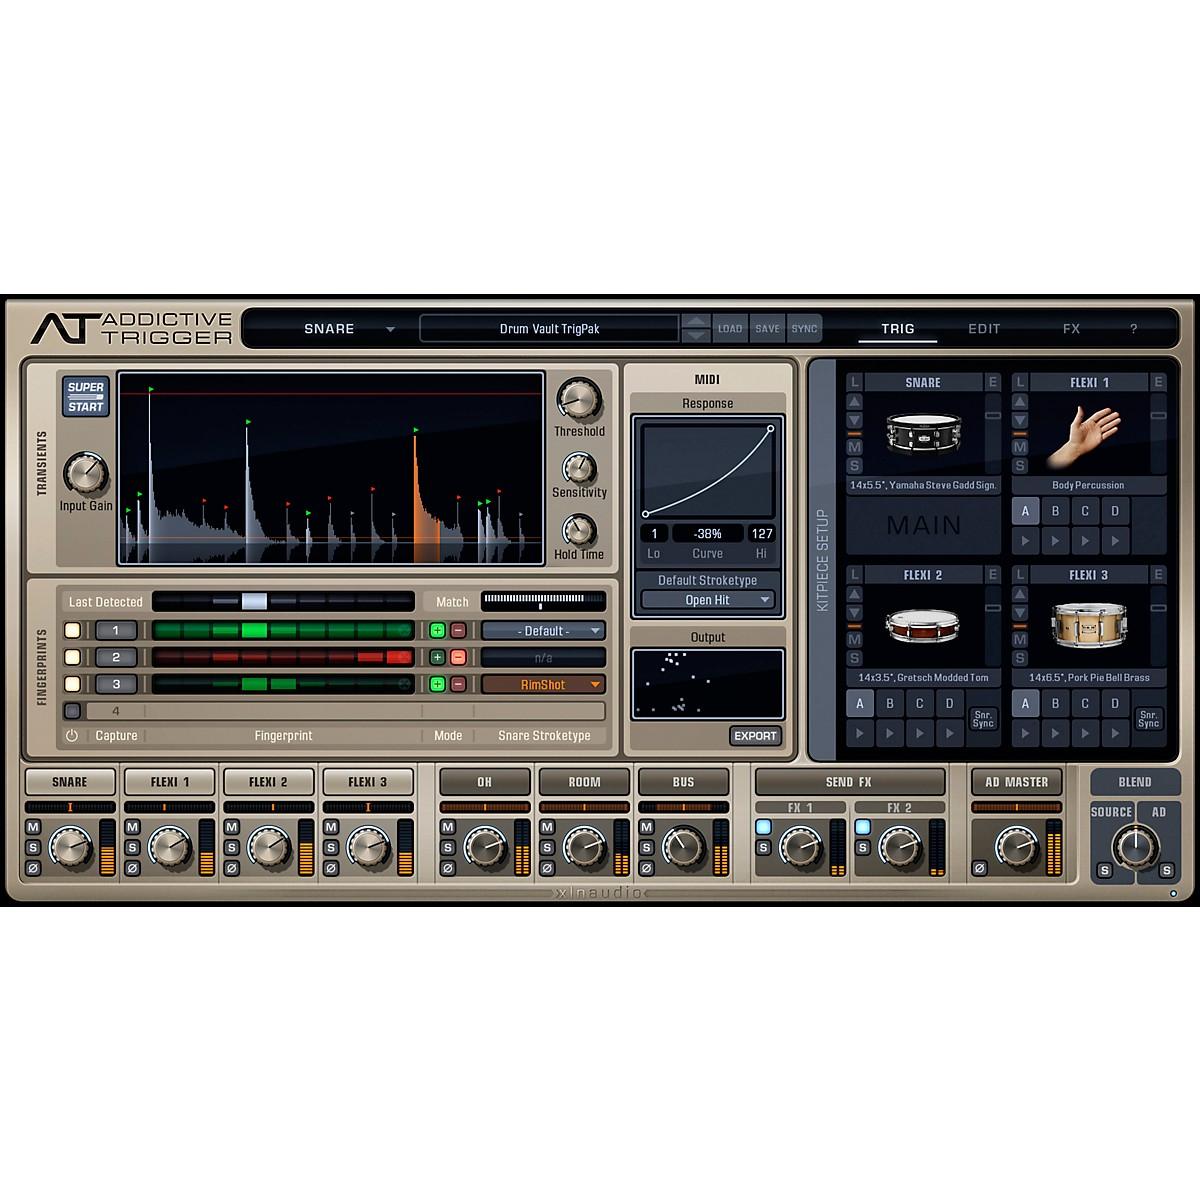 XLN Audio Addictive Trigger: Drum Vault